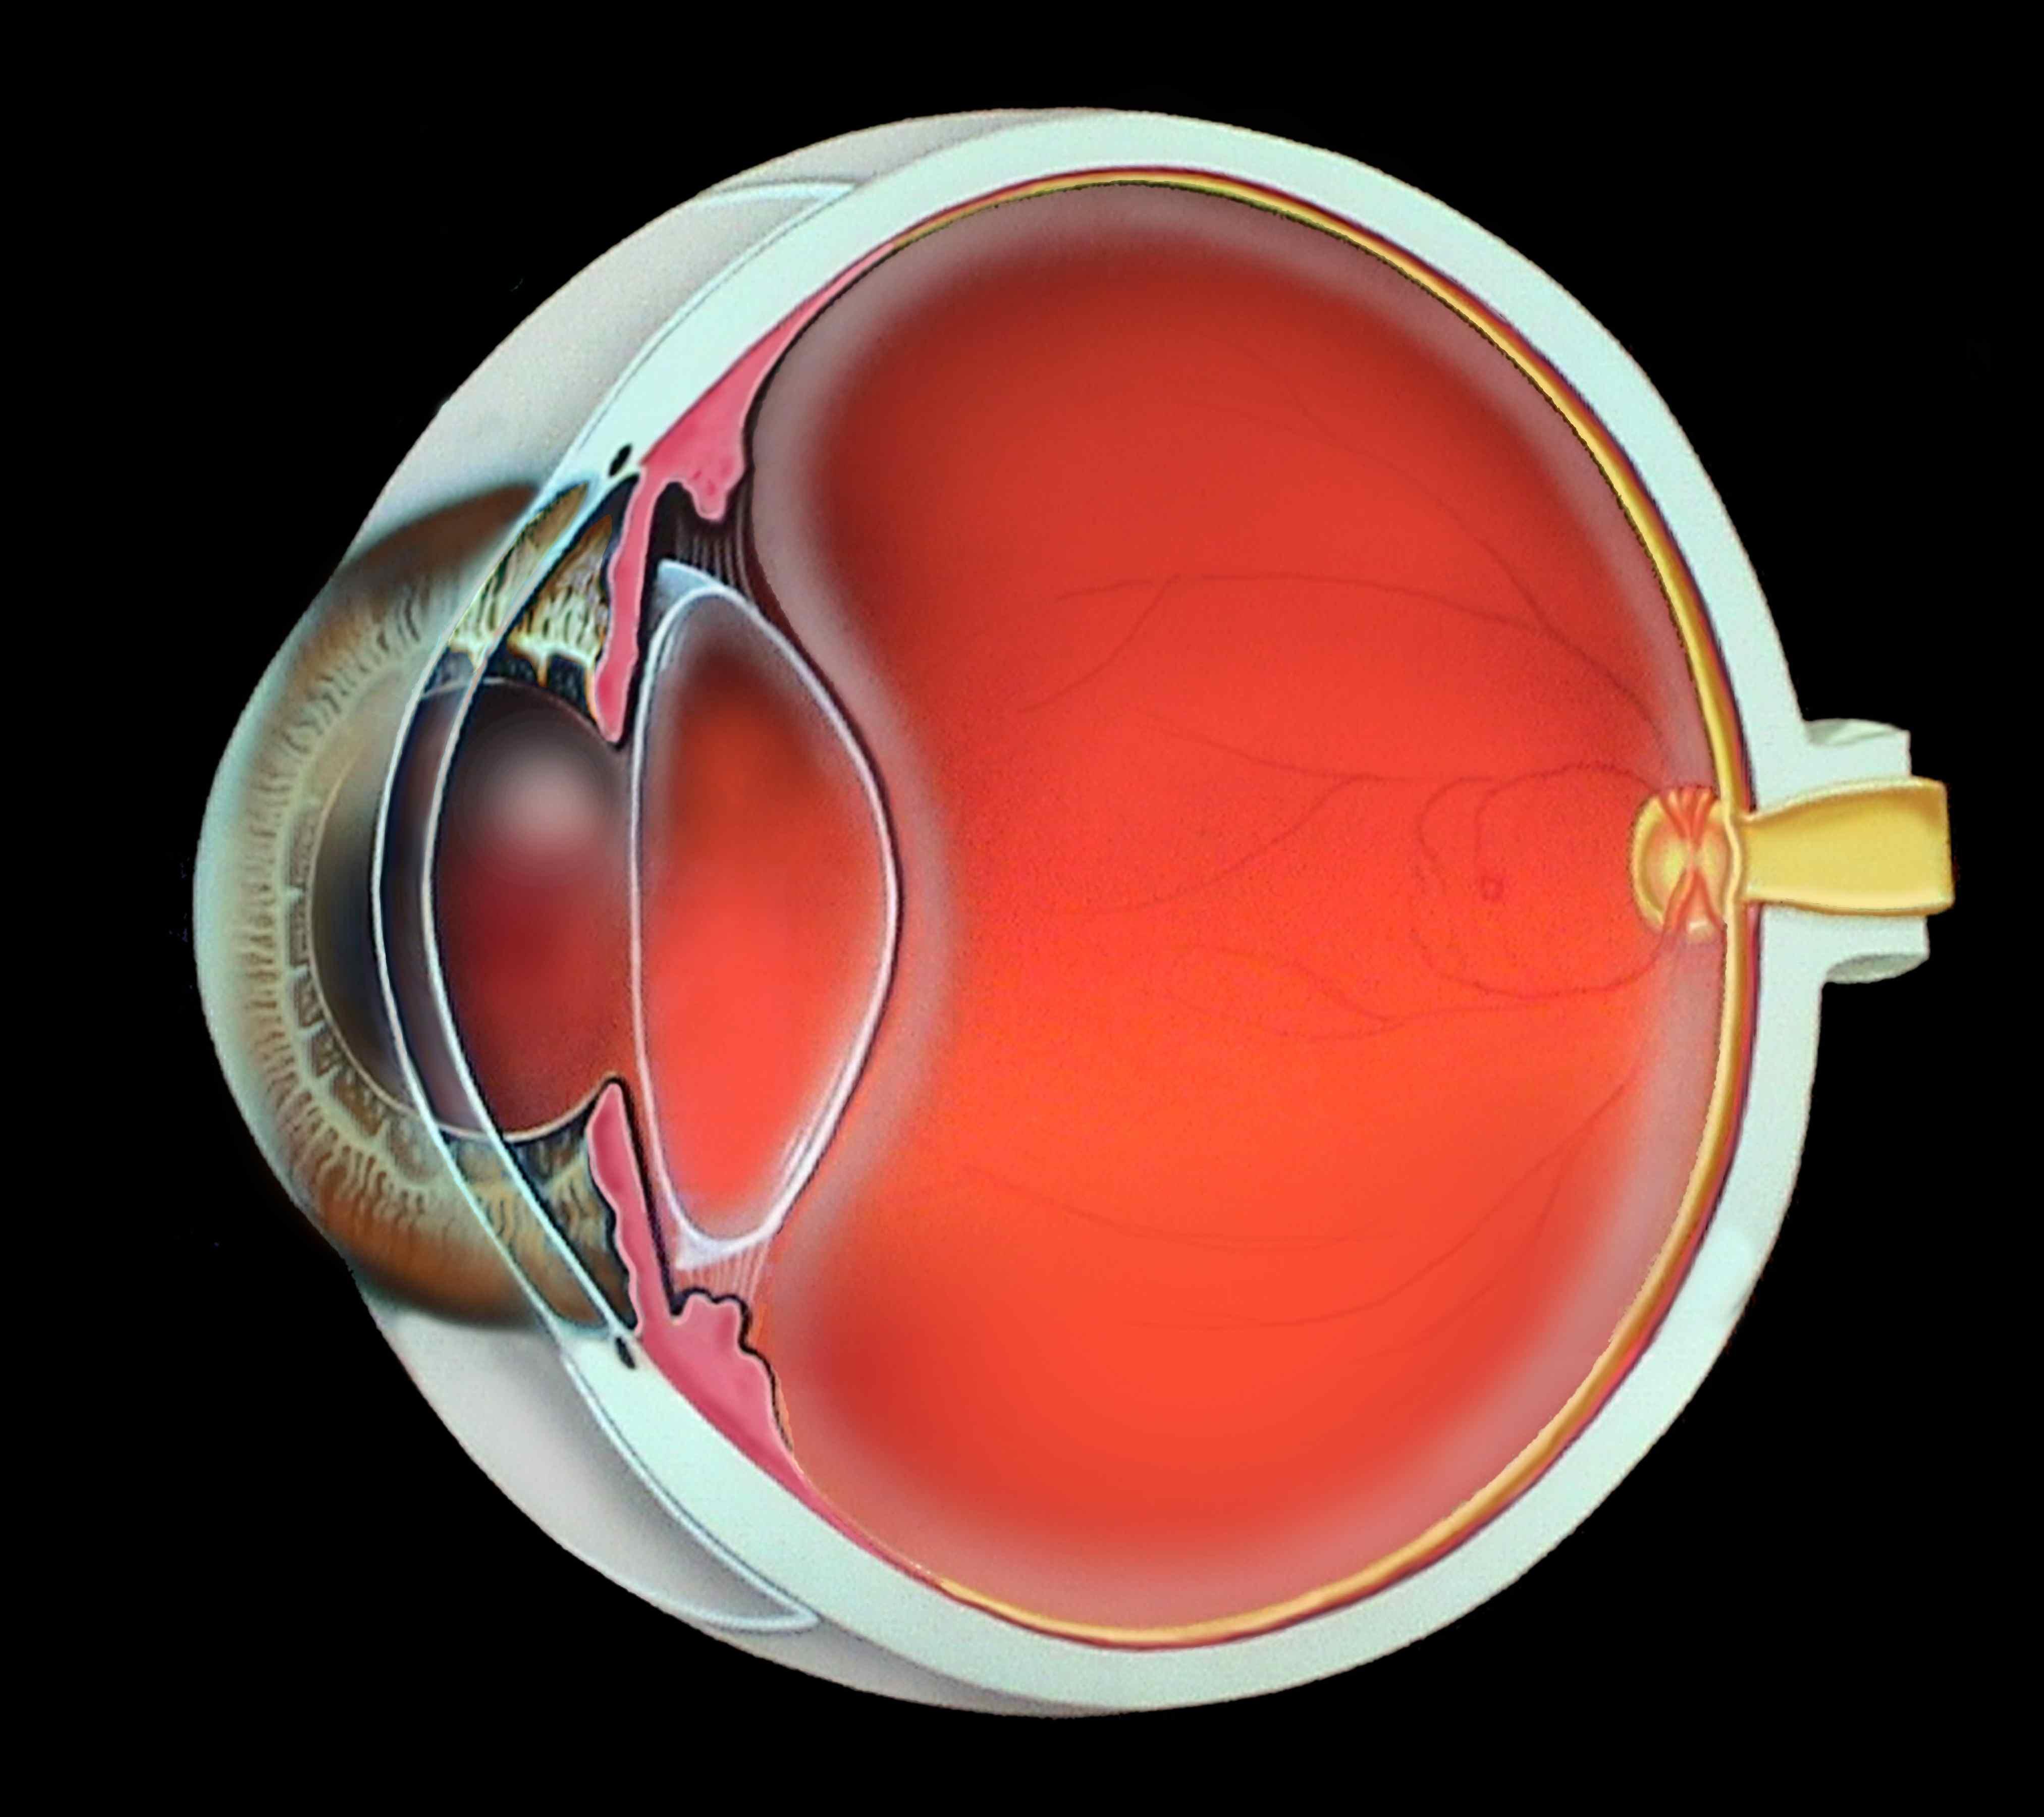 """Факосклероз хрусталика глаза: причины, симптомы и эффективные методы лечения заболевания - moscoweyes.ru - сайт офтальмологического центра """"мгк-диагностик"""""""